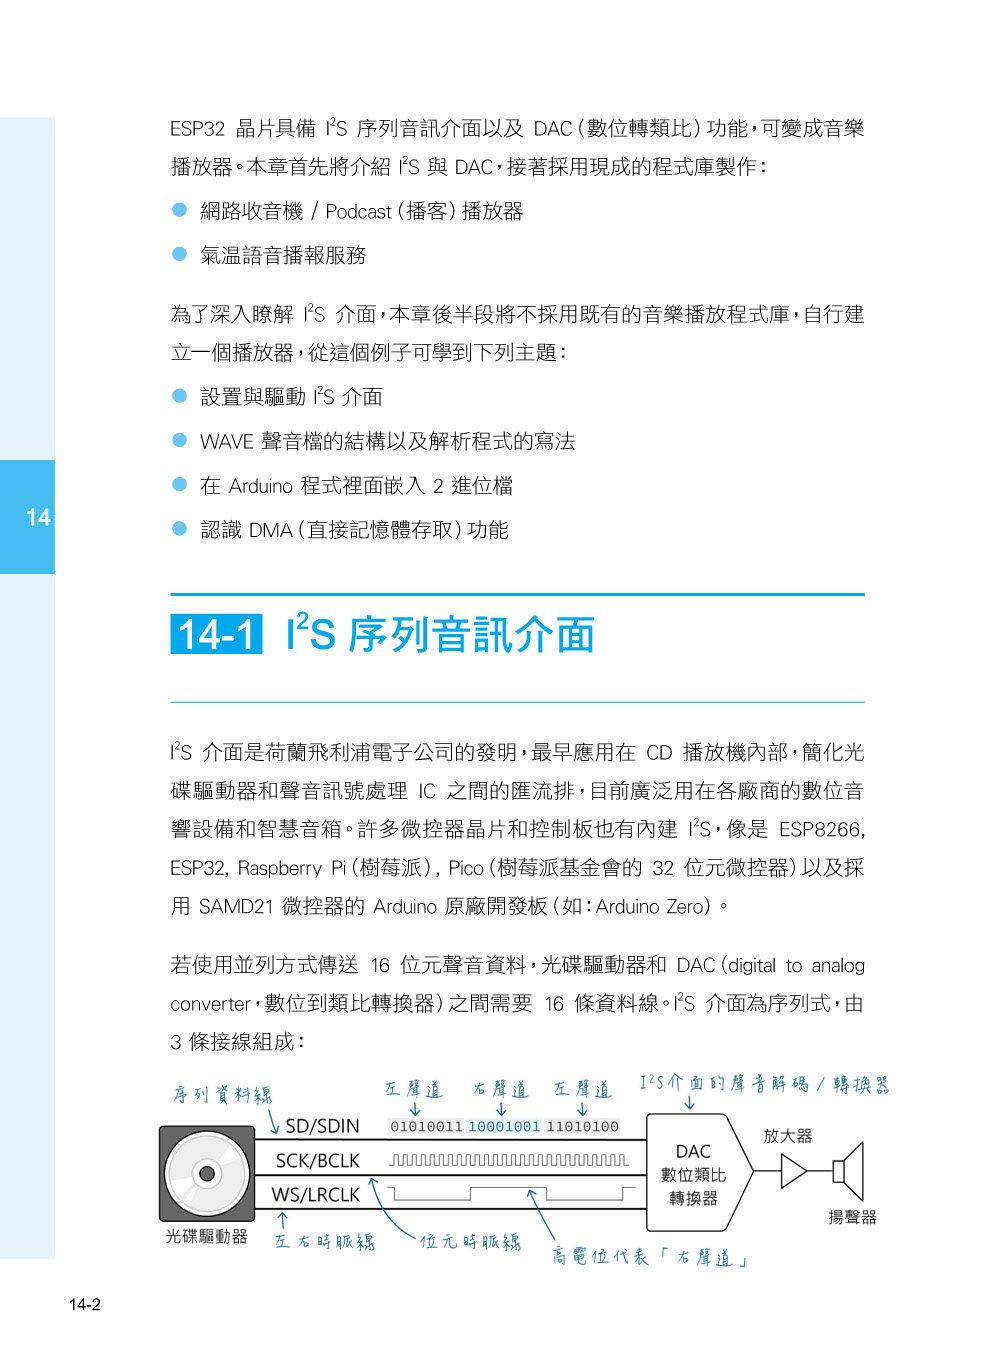 超圖解 ESP32 深度實作-preview-6